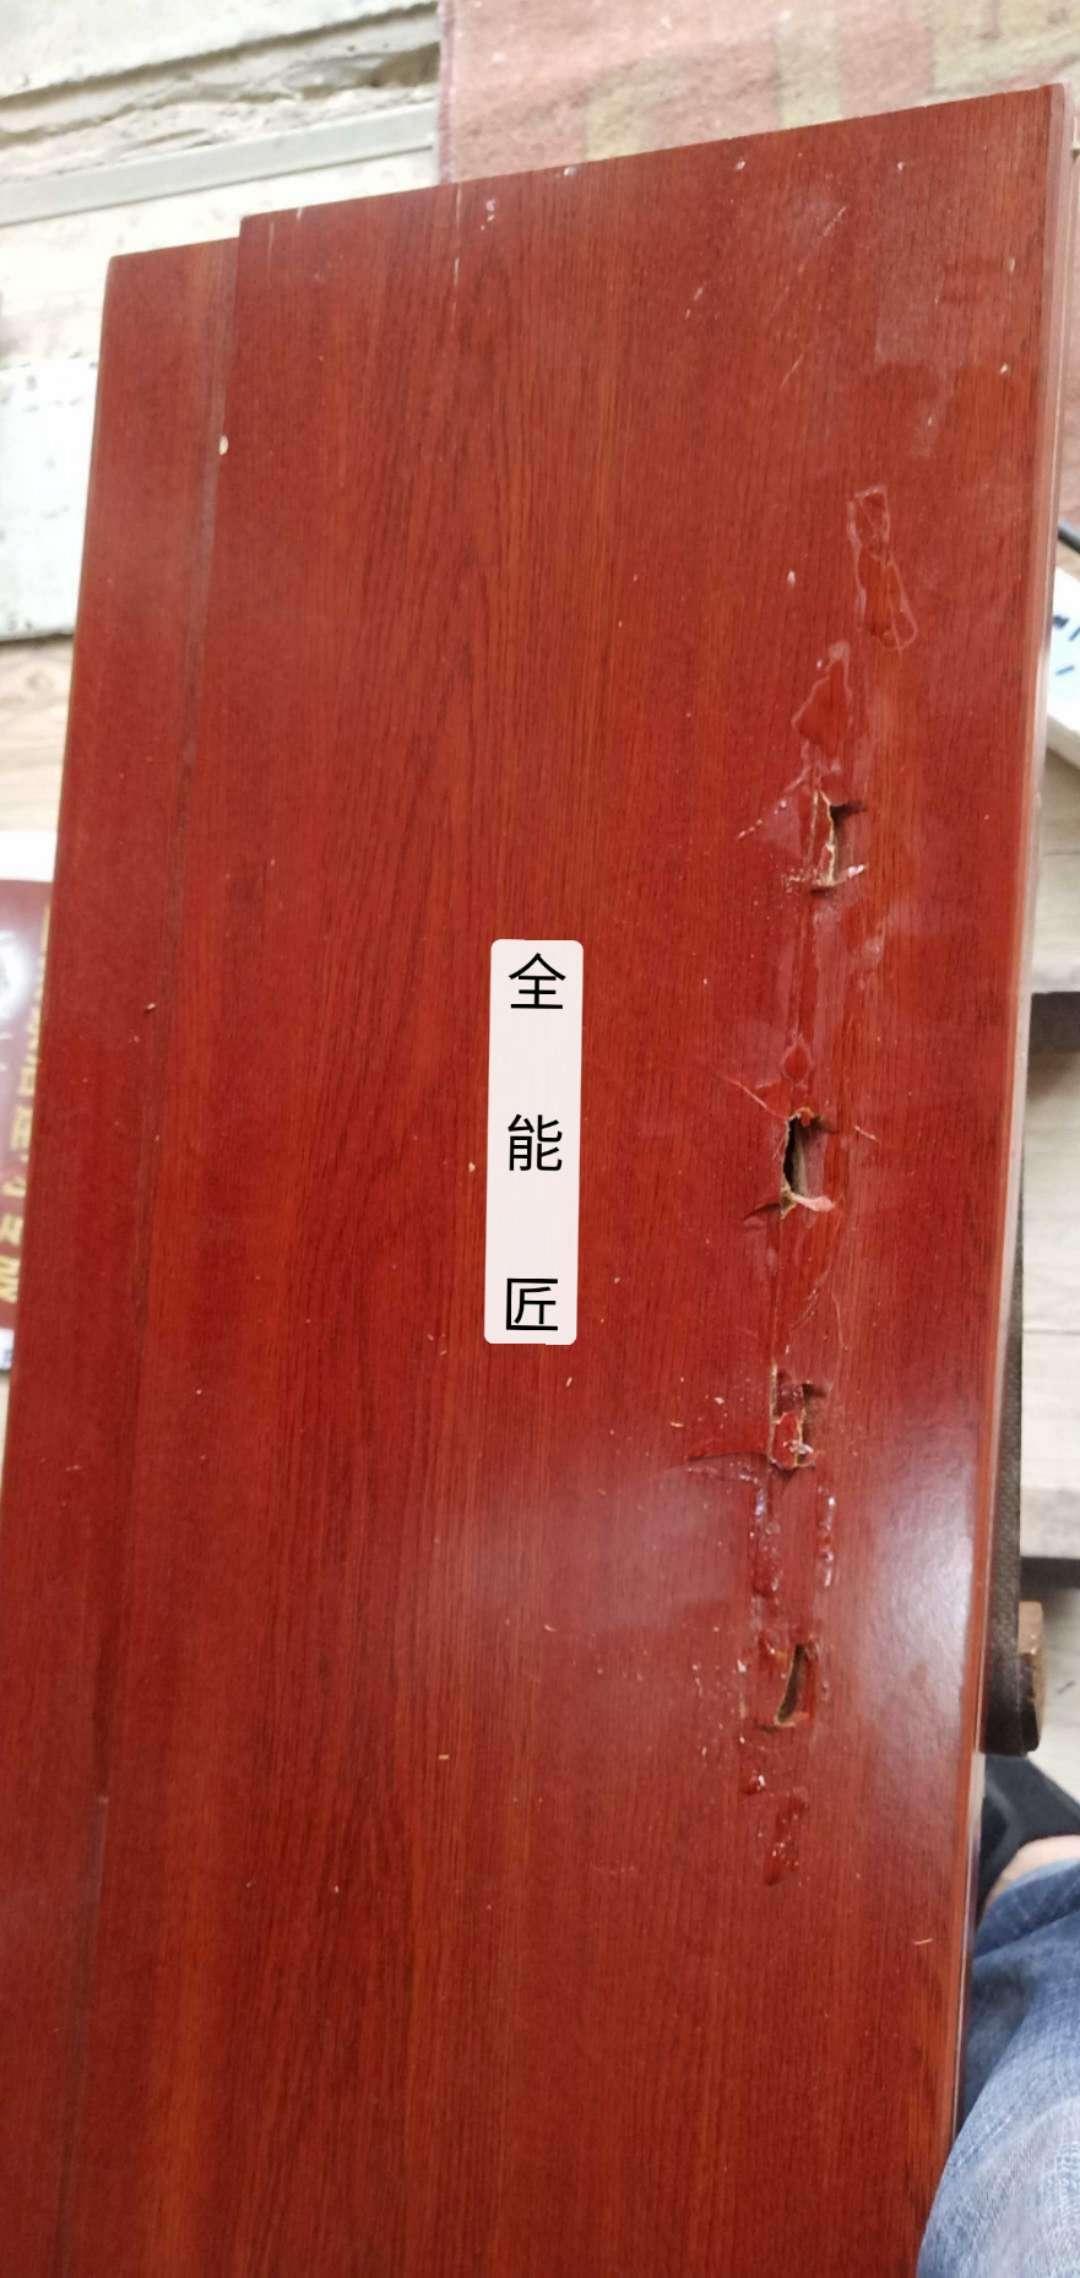 家具美容师【全能匠刘师傅】技术展示-家具美容网